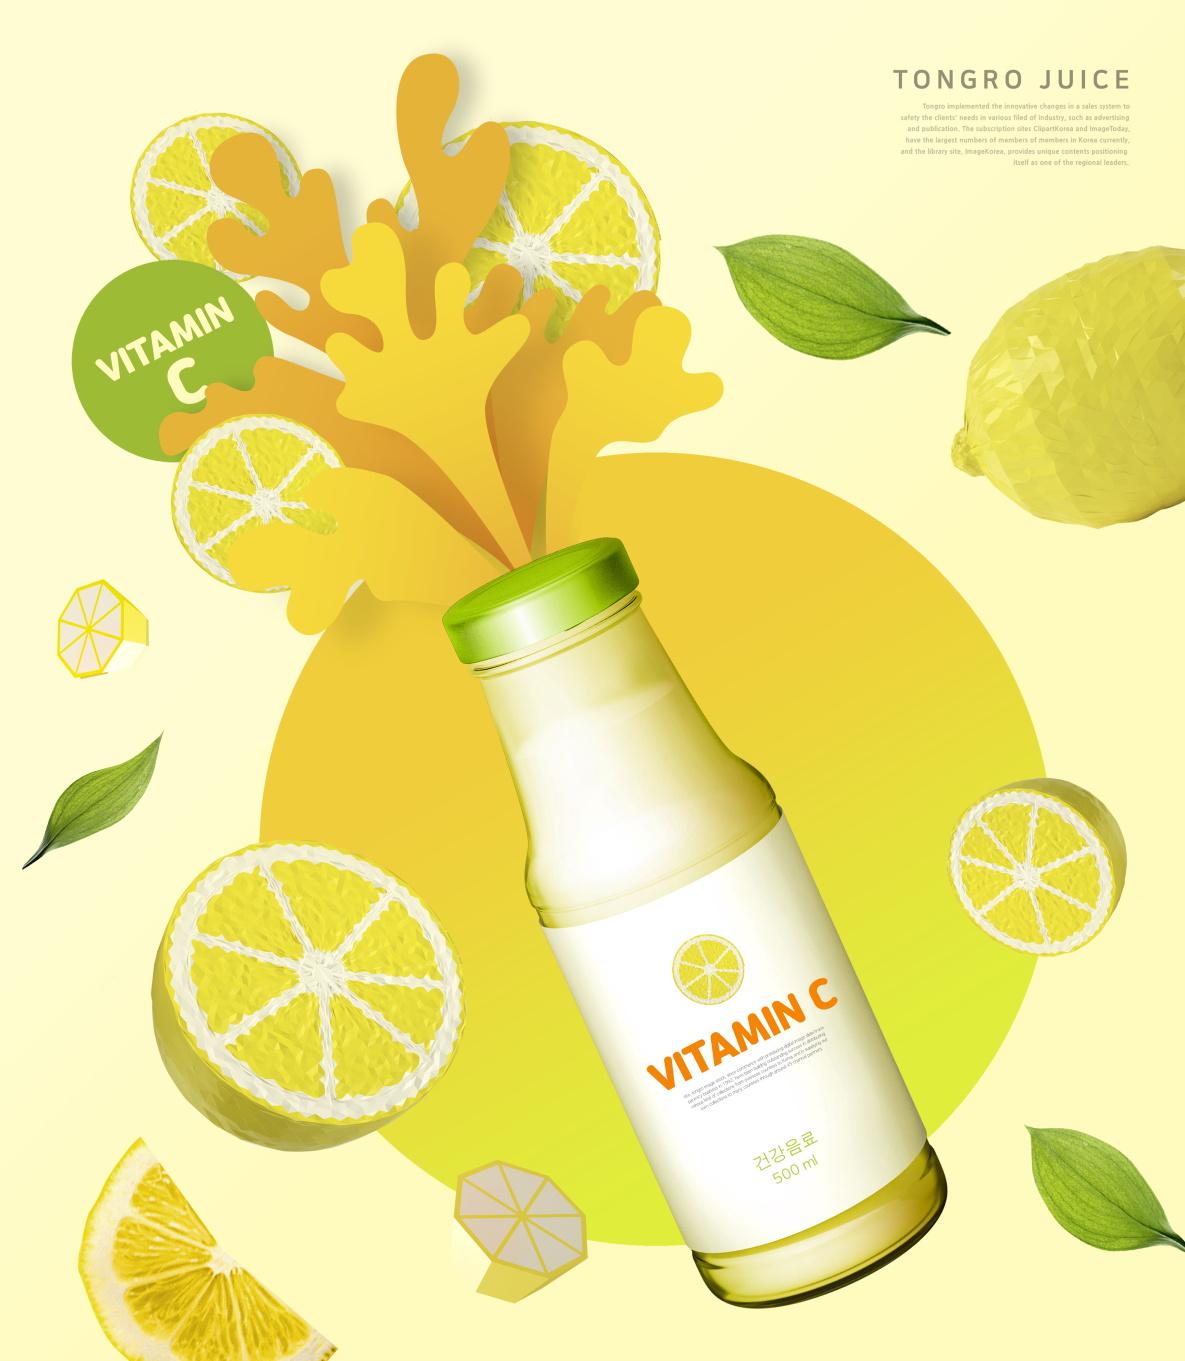 7款果汁饮料奶茶牛奶海报传单设计PSD模板素材 Juice Drink Sale Poster Template插图1